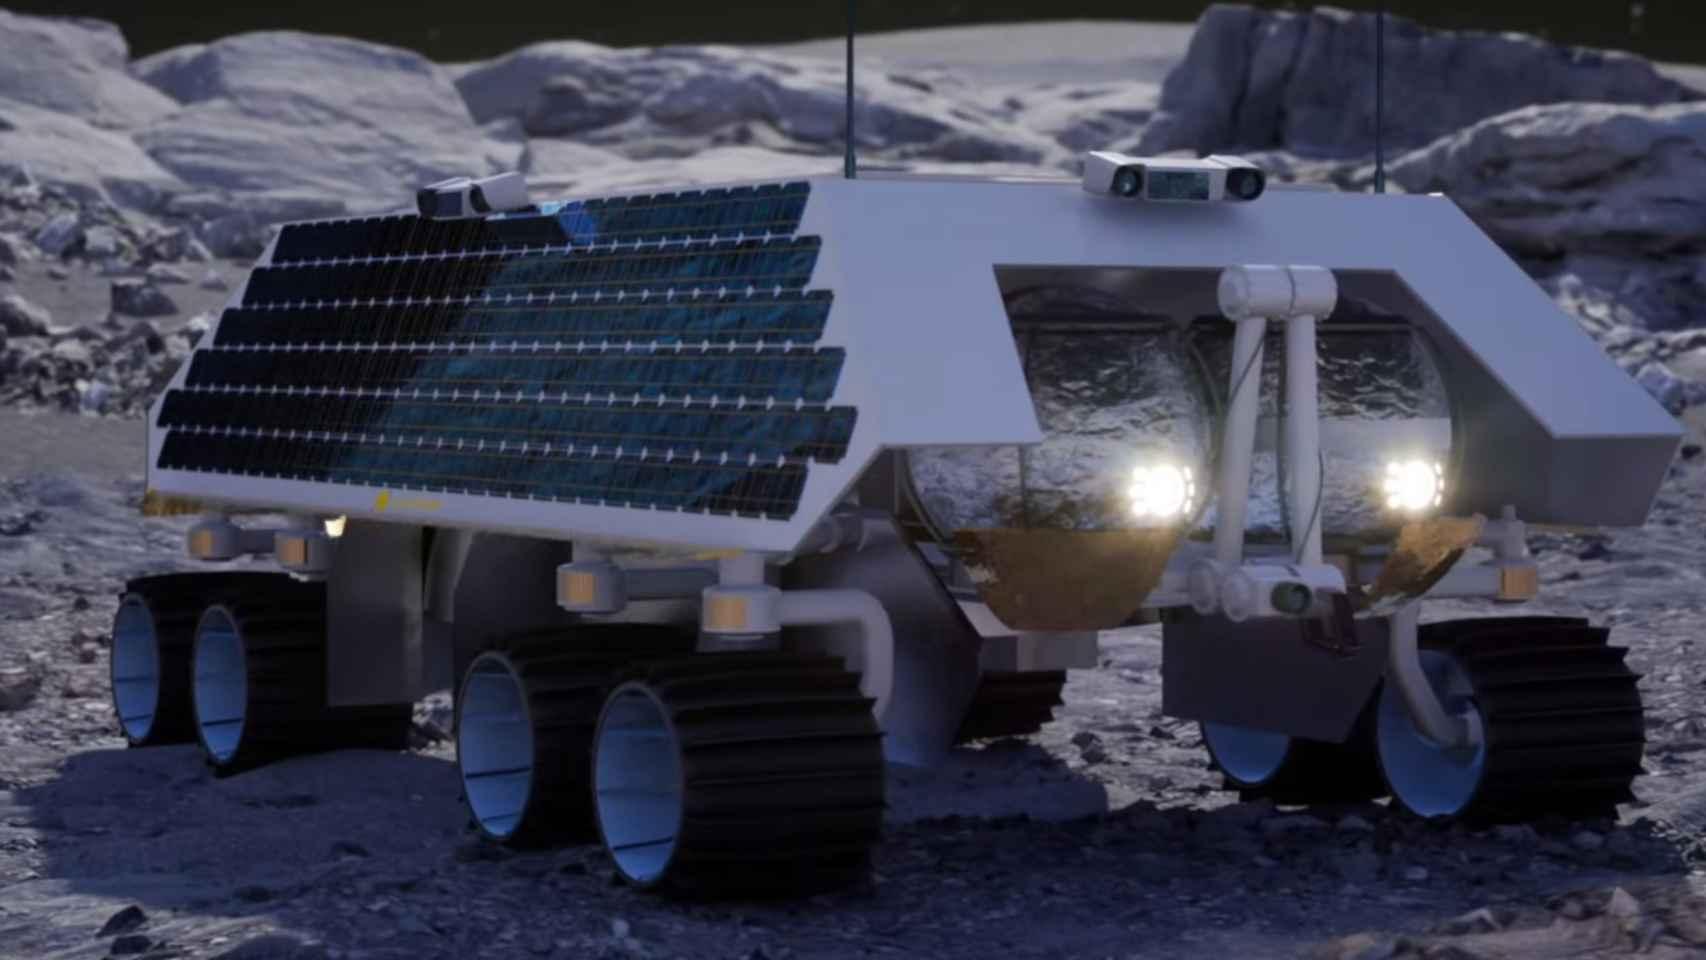 Rocket Mining System